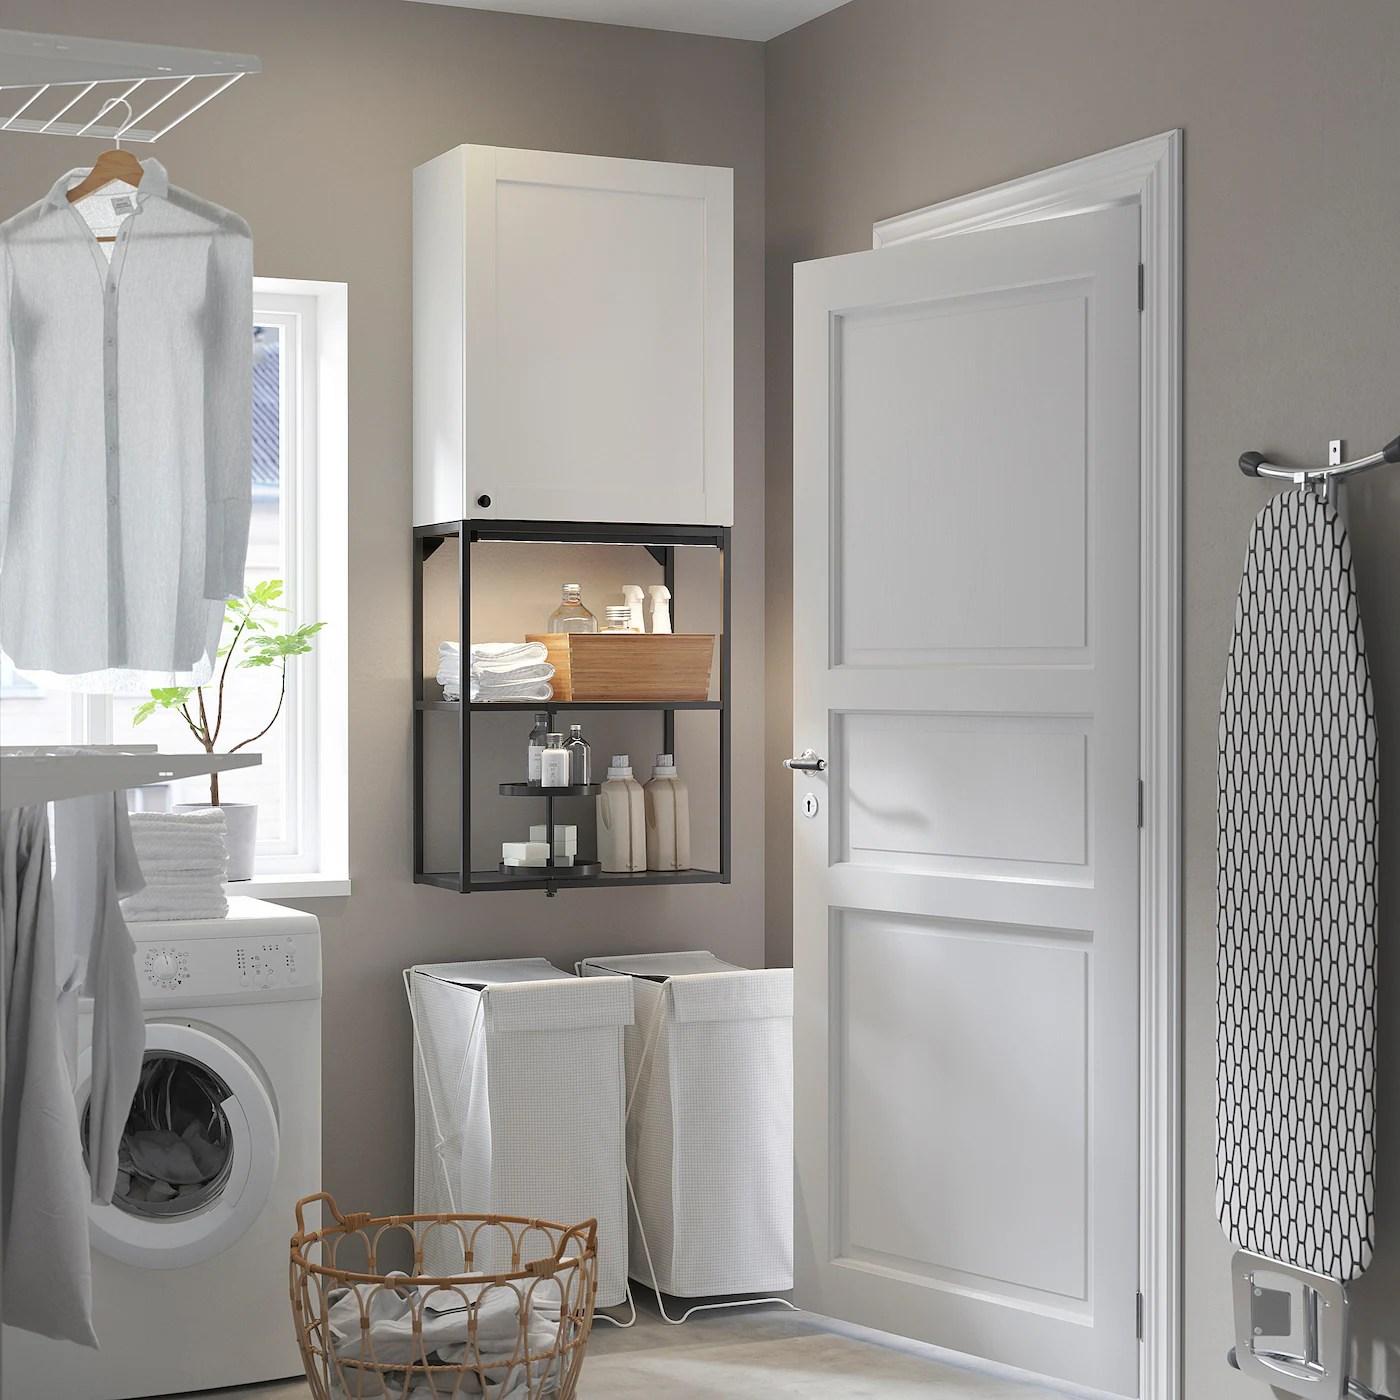 Enhet Combinaison Rangement Murale Anthracite Blanc Avec Cadre 60x30x150 Ikea